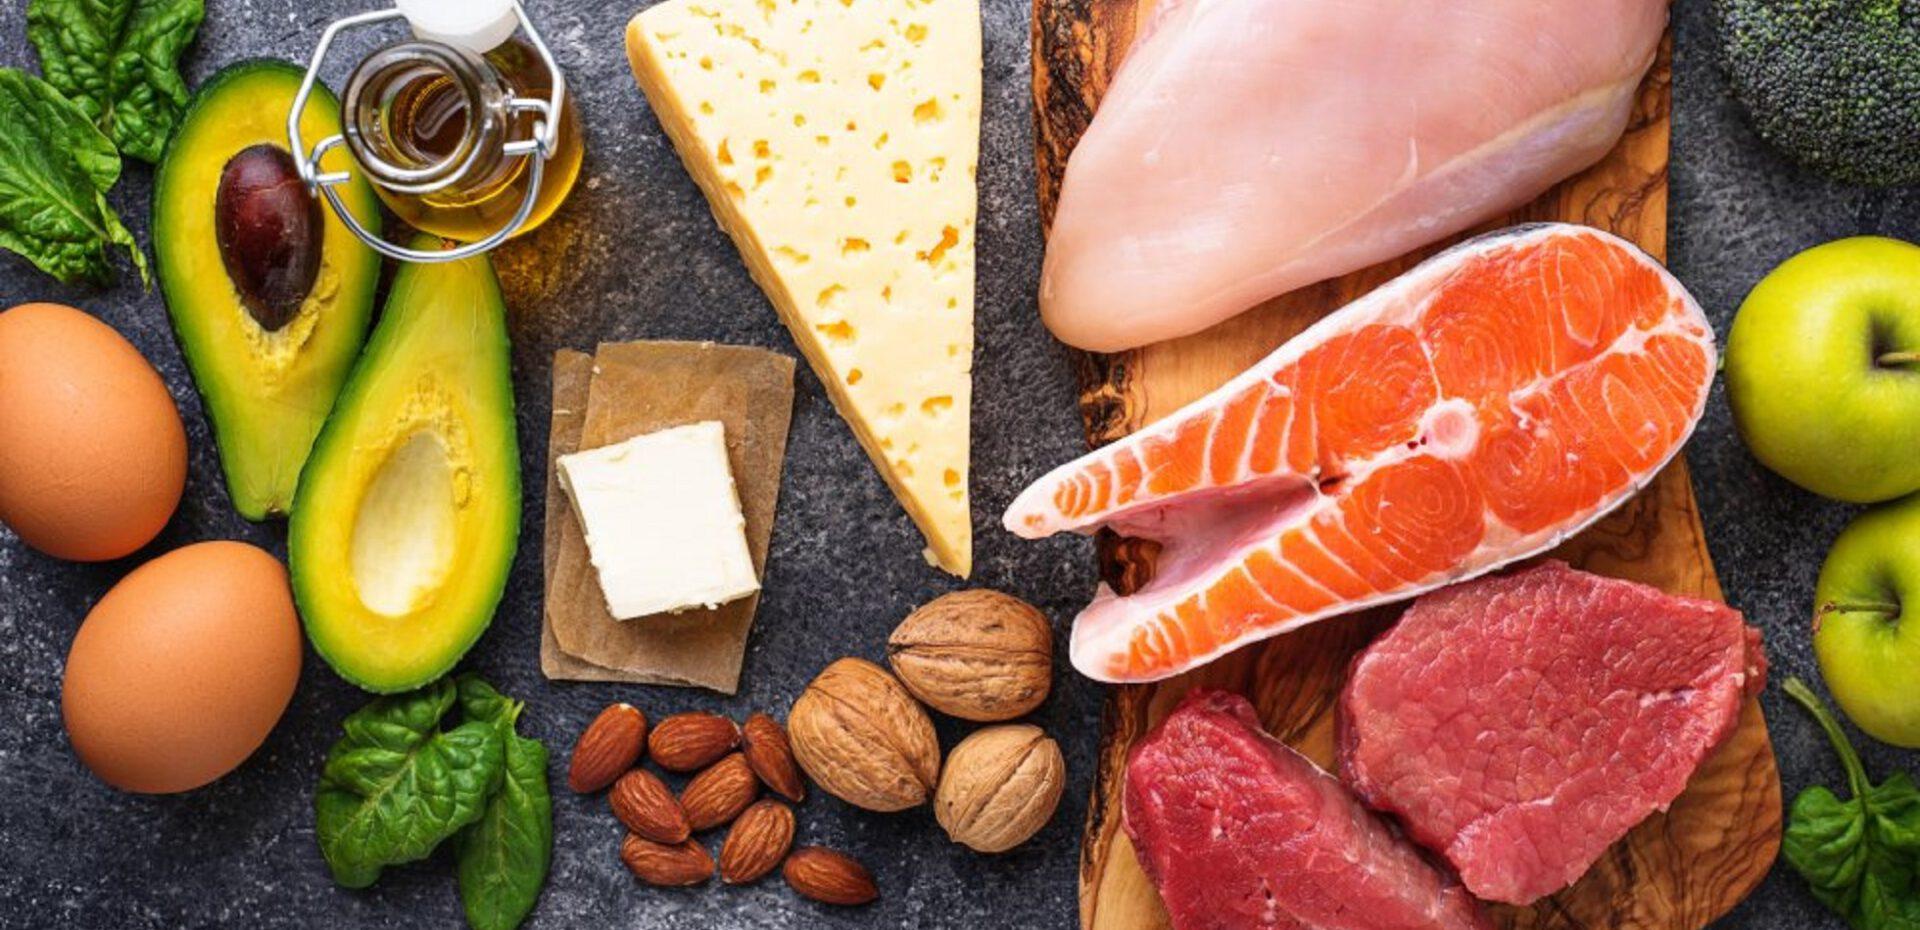 ۶ ماده غذایی برای پیشگیری از سرطان